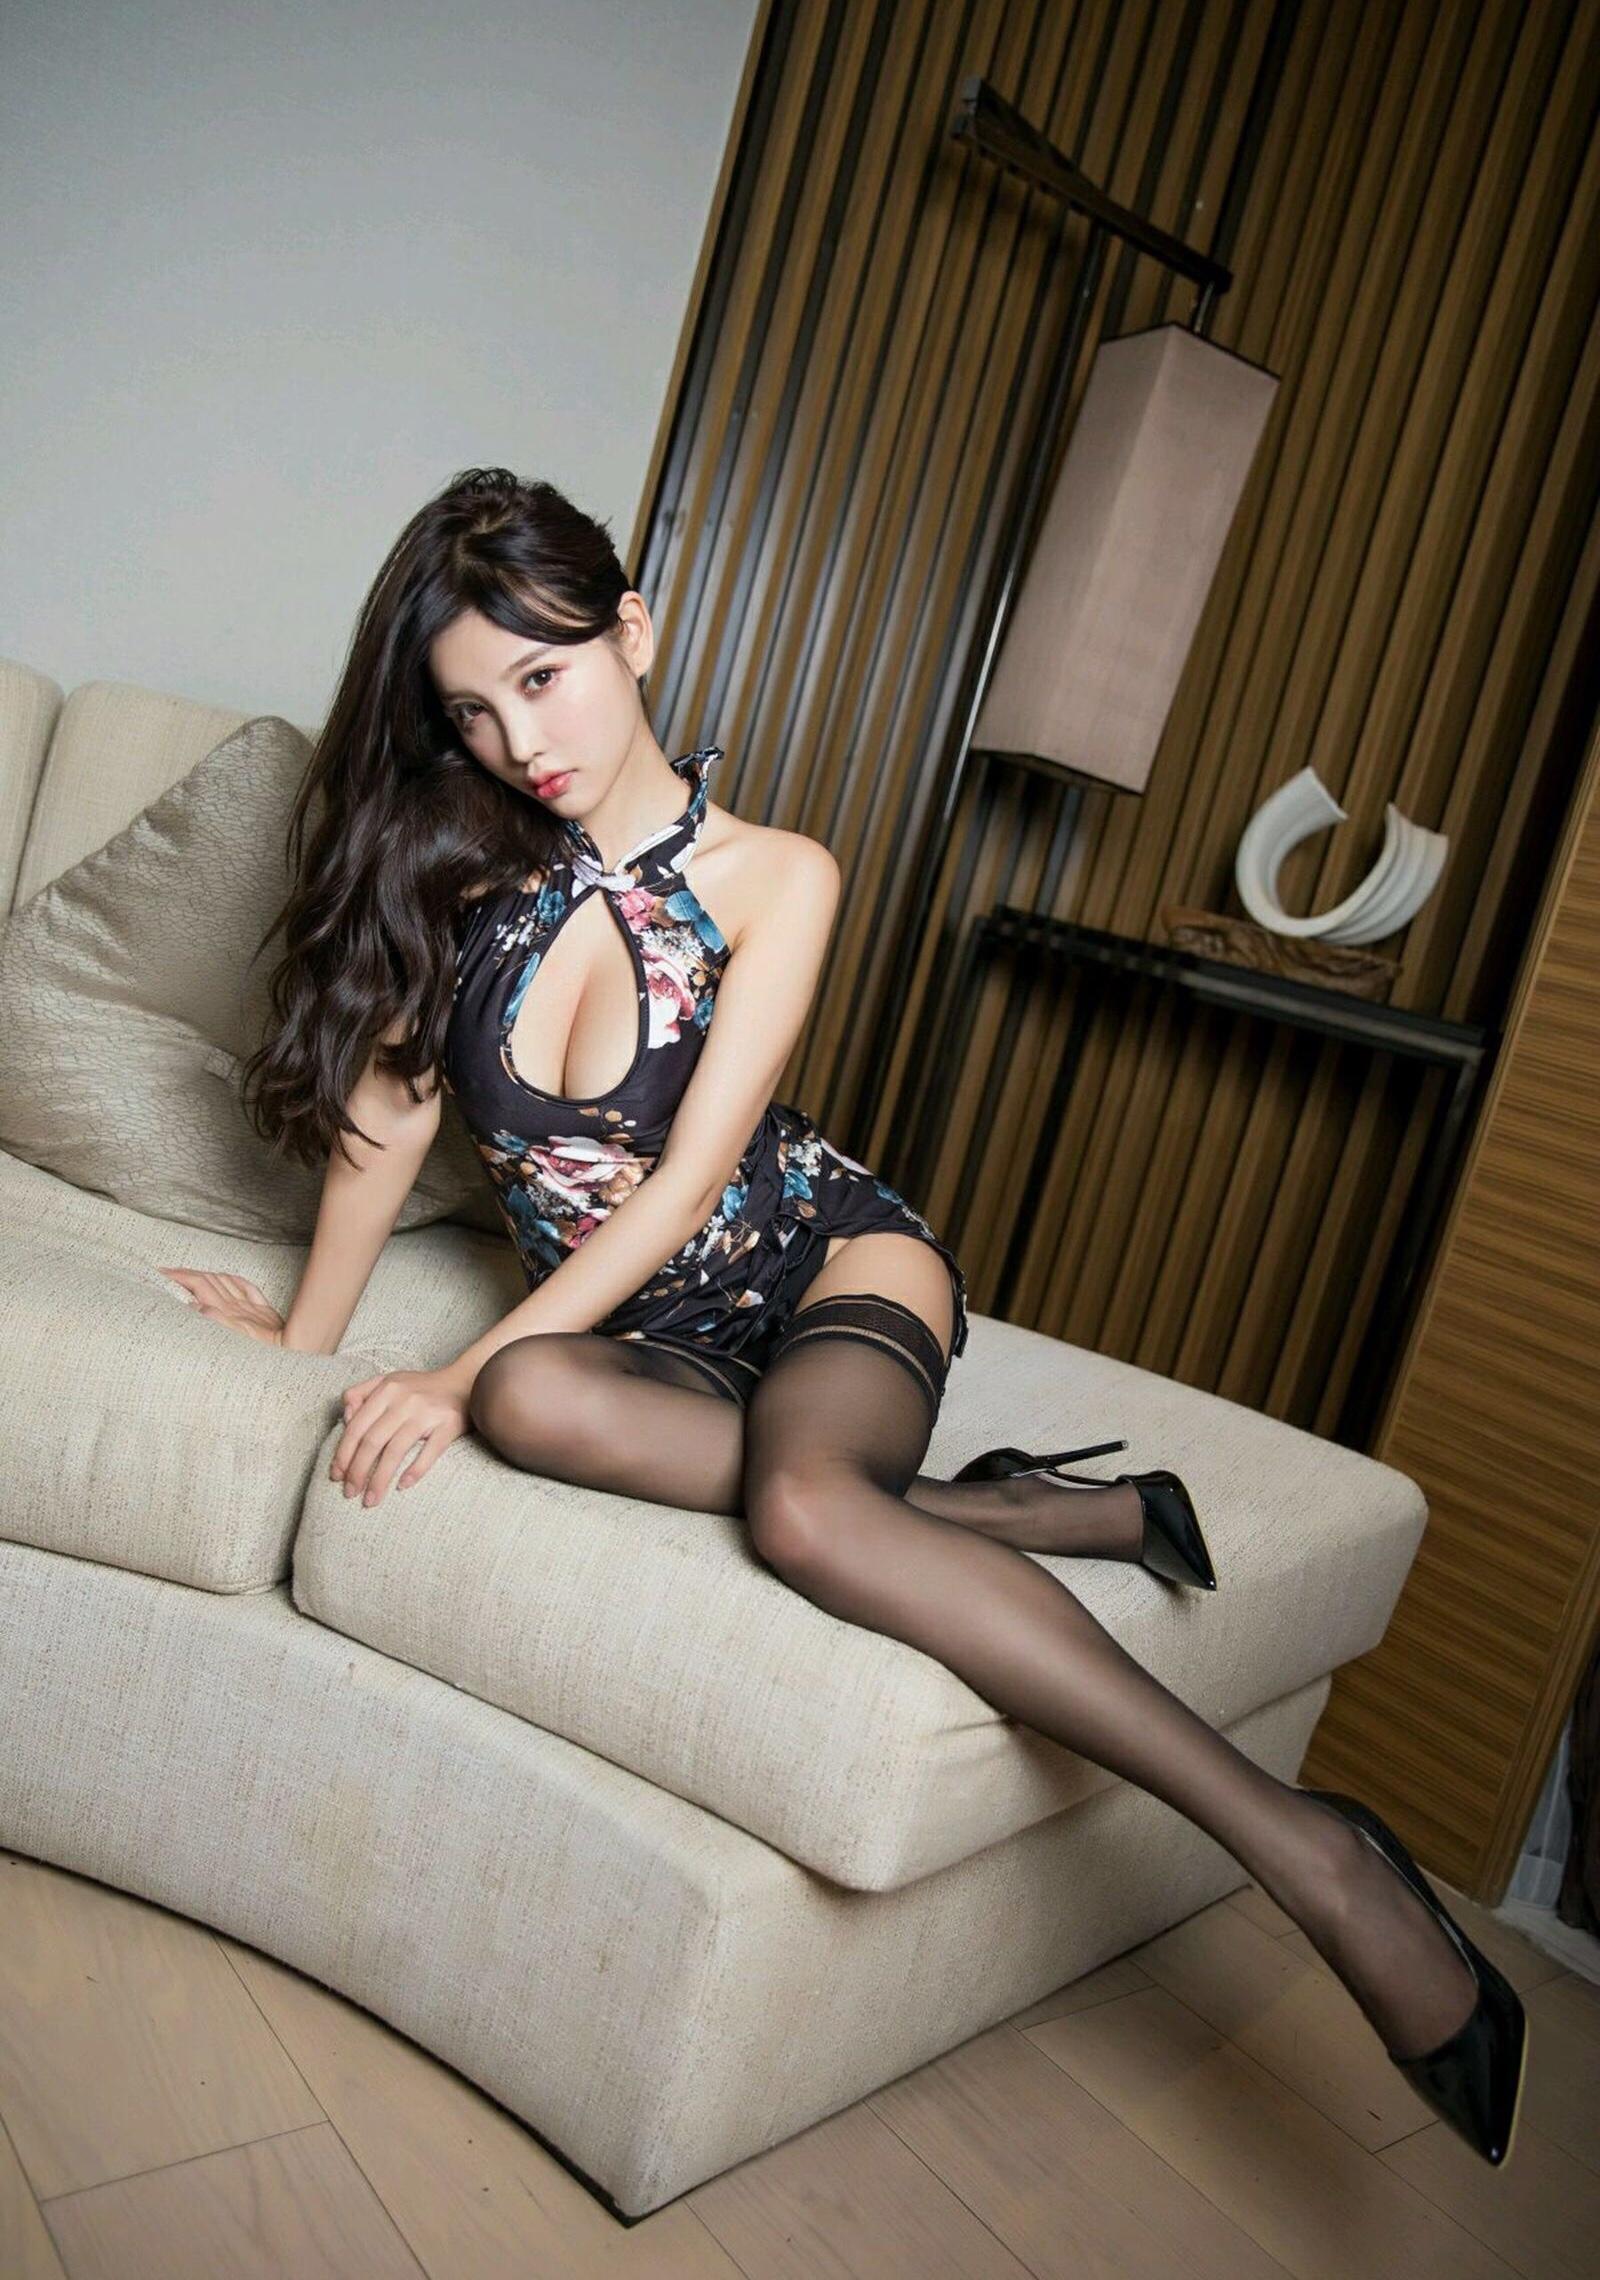 ガーターストッキングがエロい台湾美女sugar 2